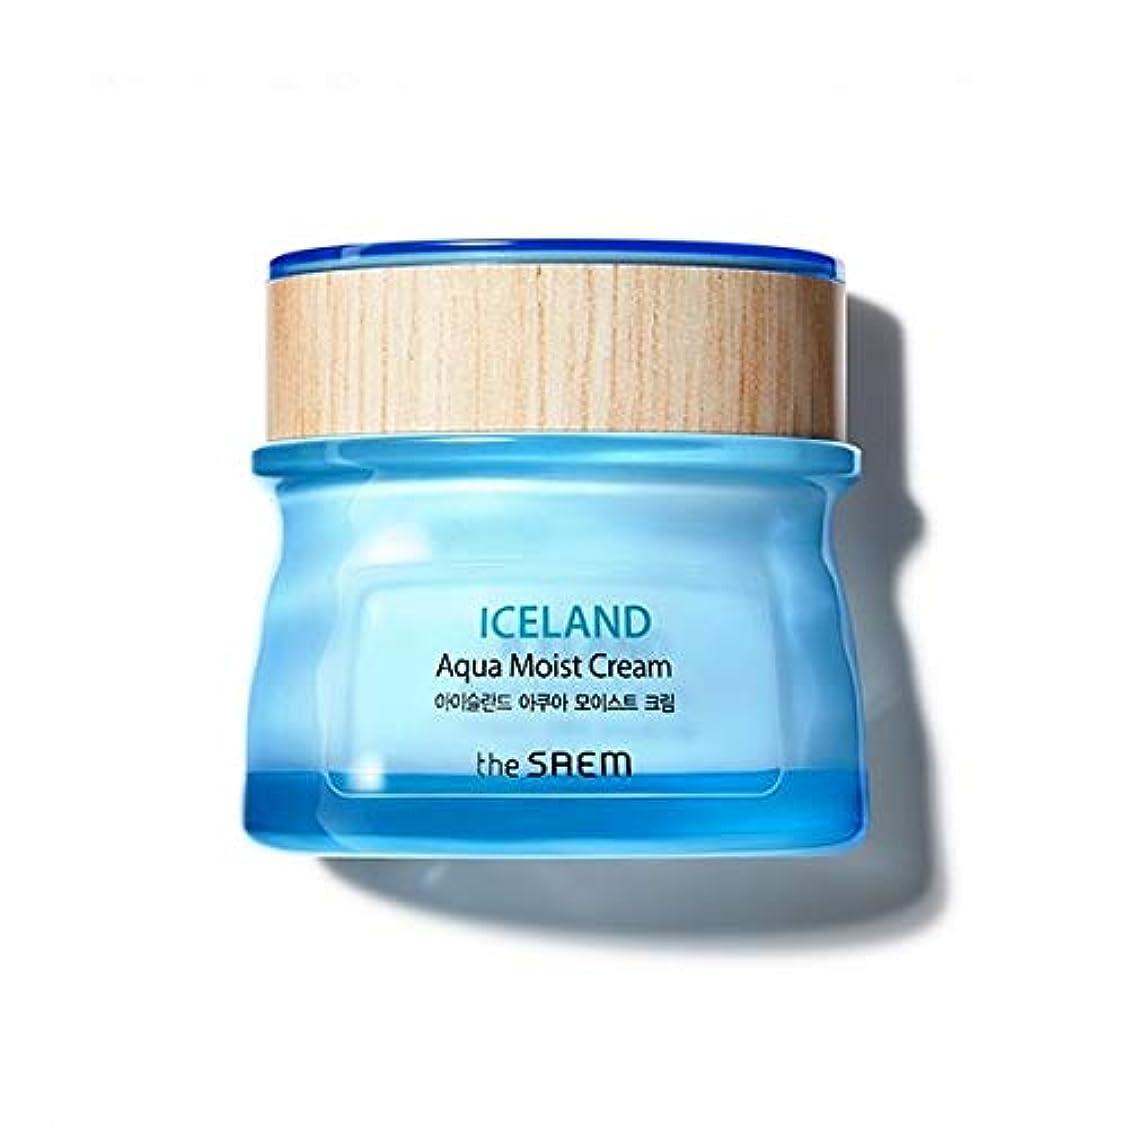 交差点考案する覗くThe saem Iceland Apua Moist Cream ザセム アイスランド アクア モイスト クリーム 60ml [並行輸入品]